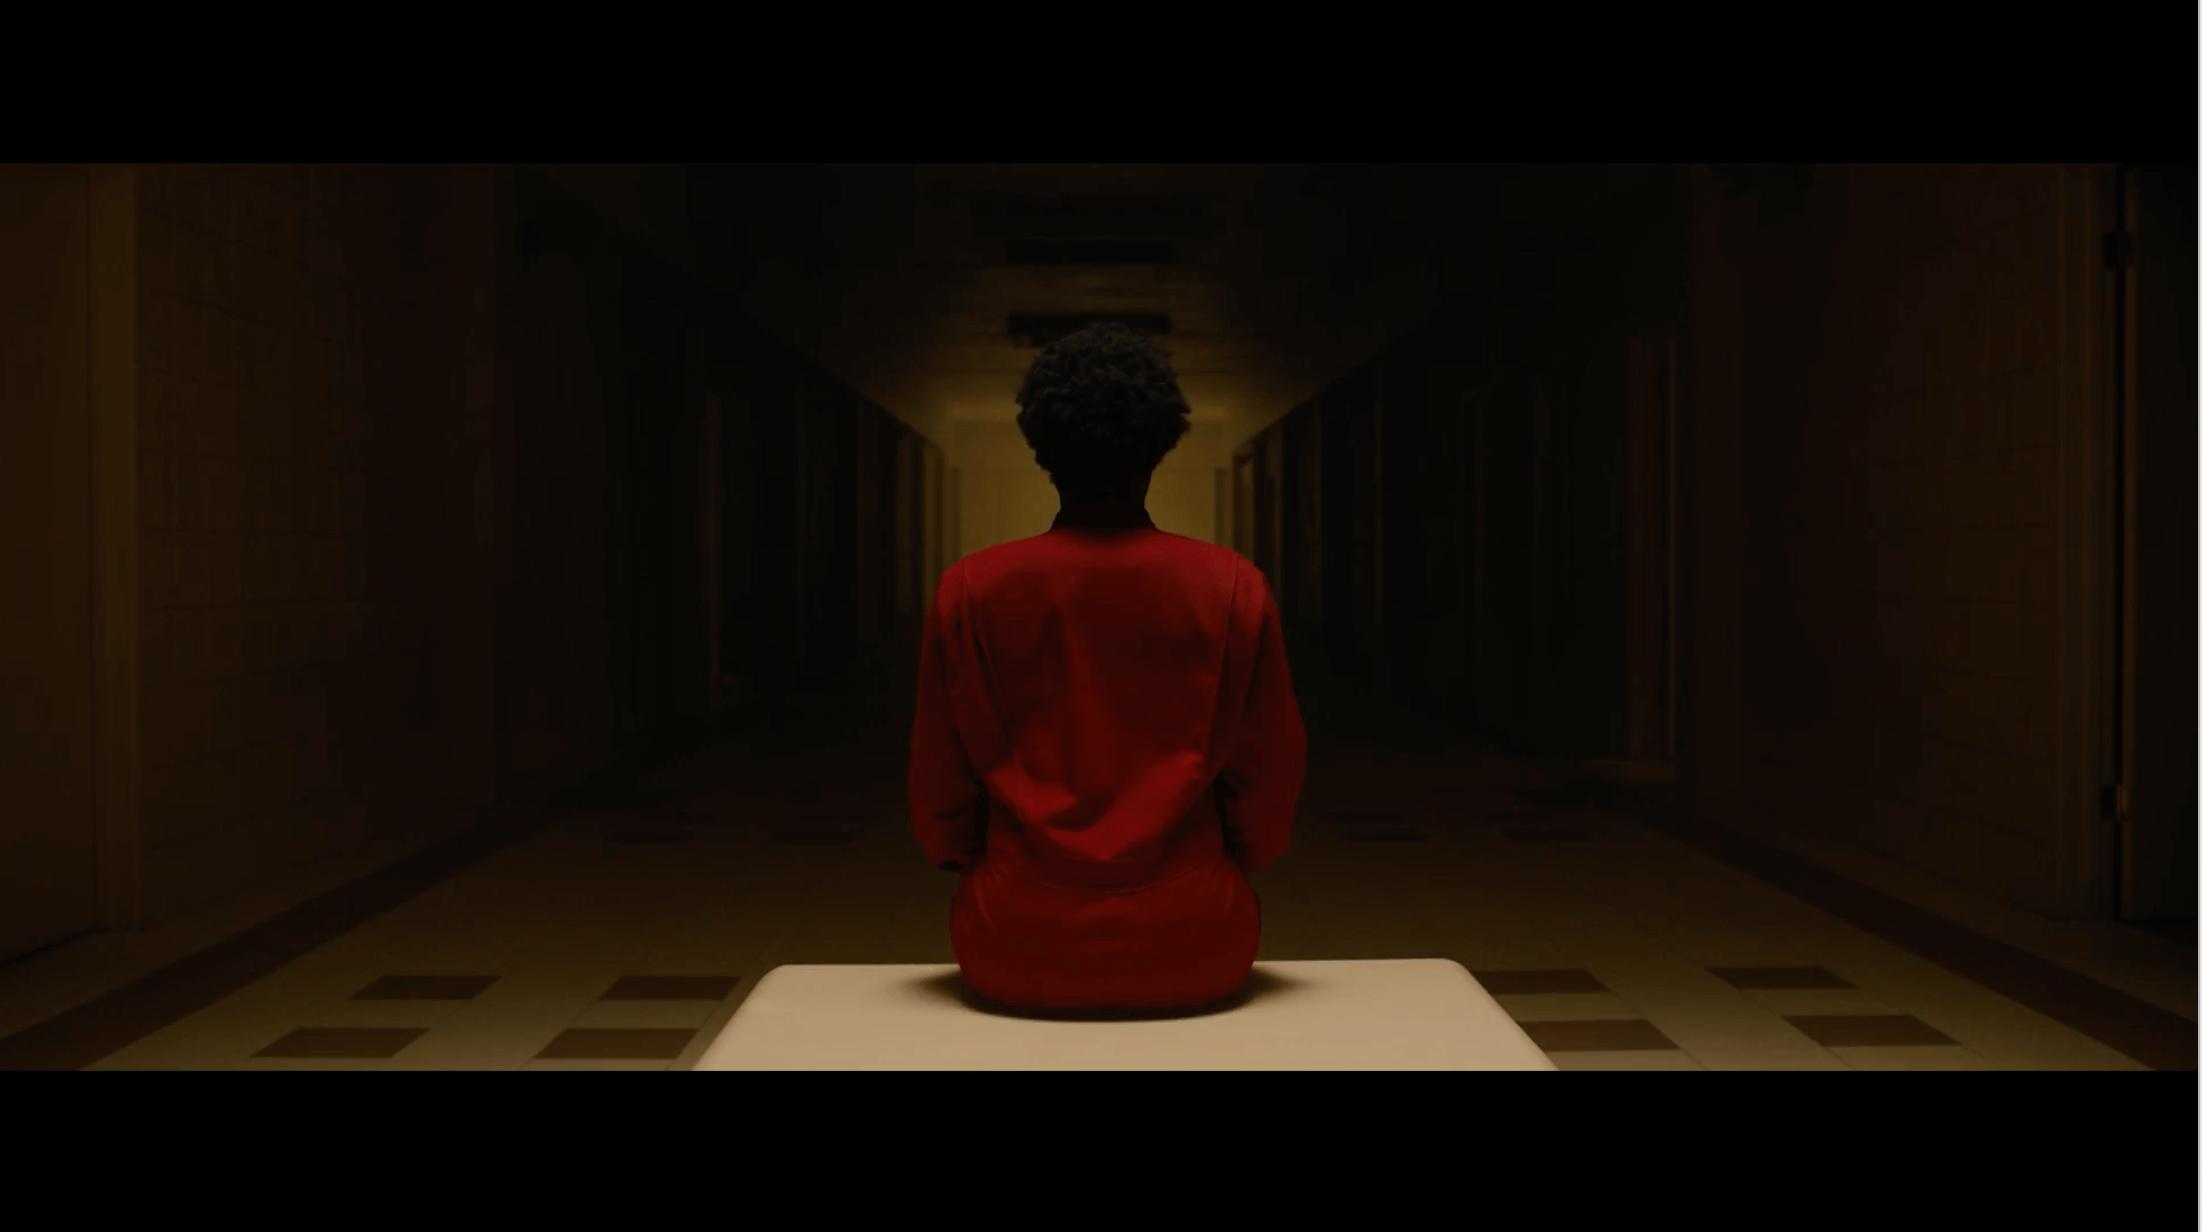 「一場前所未見的惡夢」導演喬登皮爾釋出《我們》(US) 第二支預告首圖